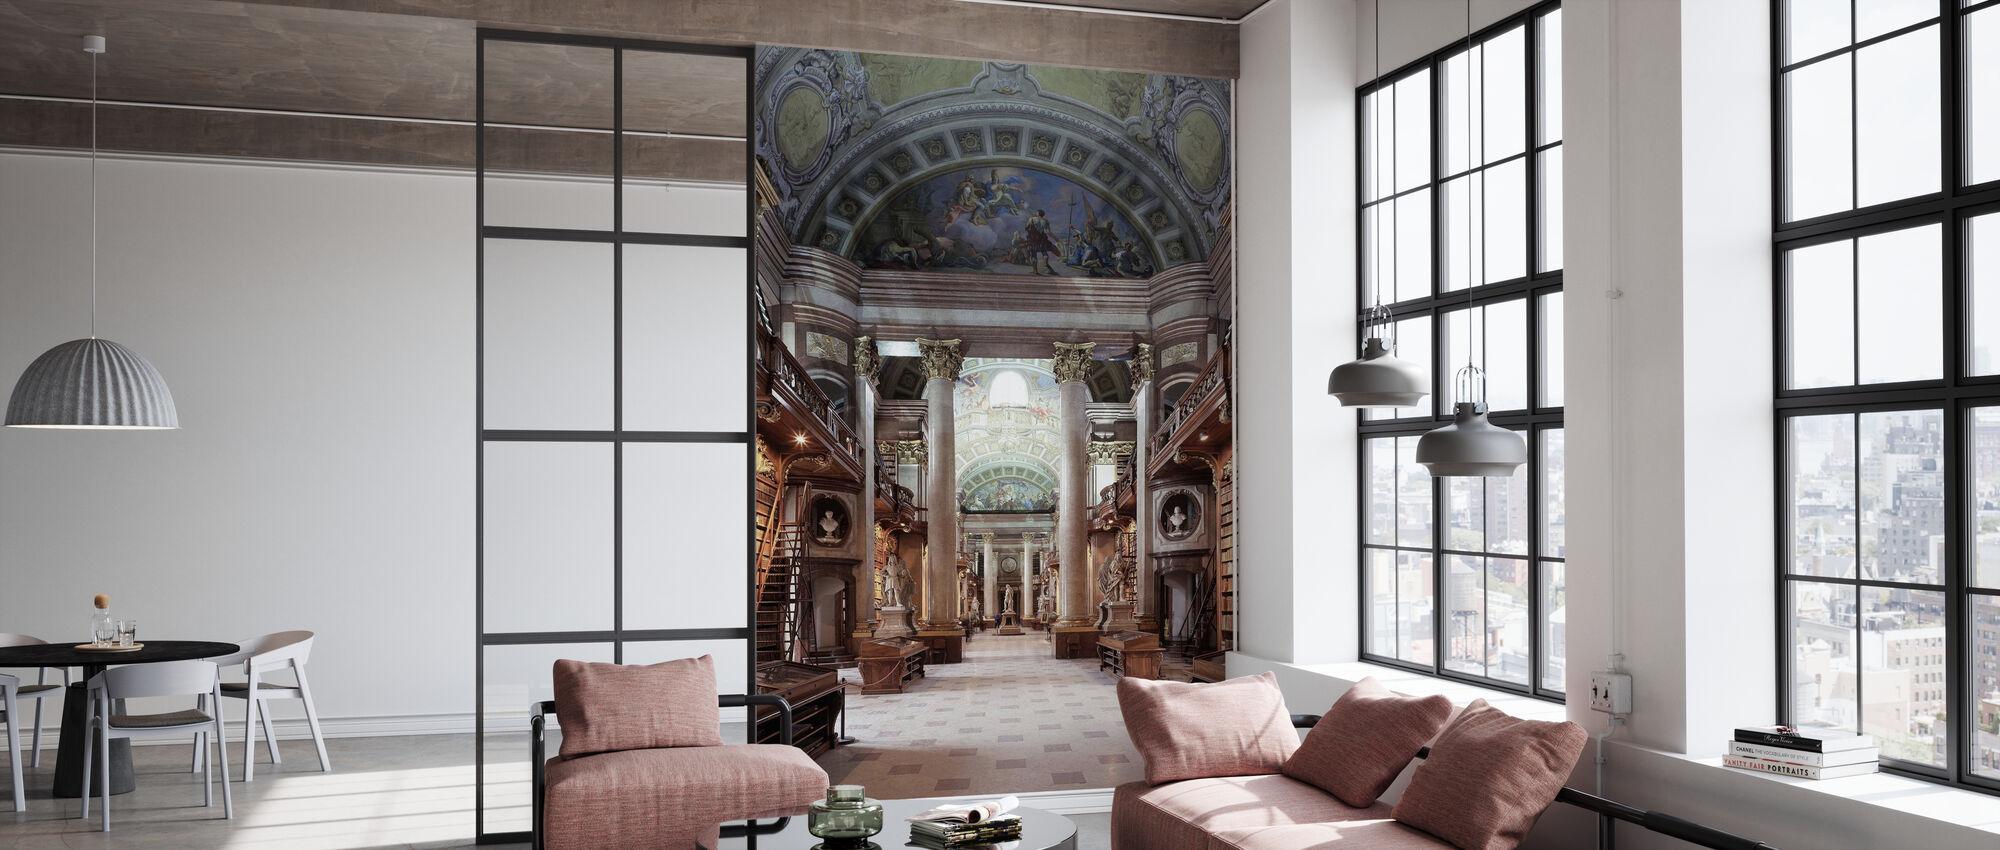 Imperial Library in Wien - Wallpaper - Office